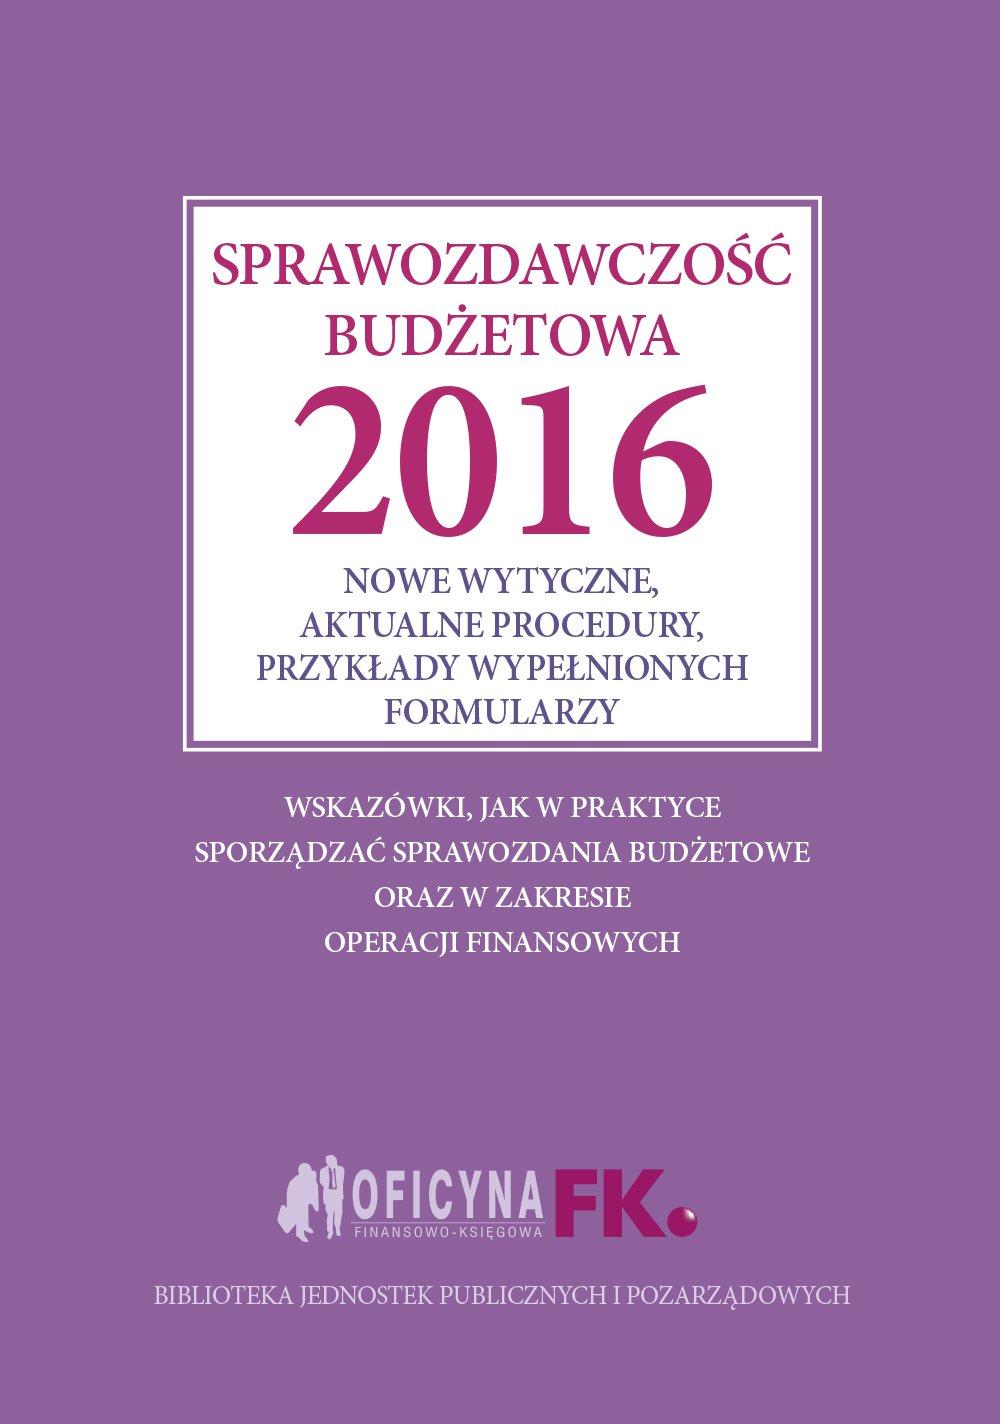 Sprawozdawczość budżetowa 2016 - Ebook (Książka PDF) do pobrania w formacie PDF